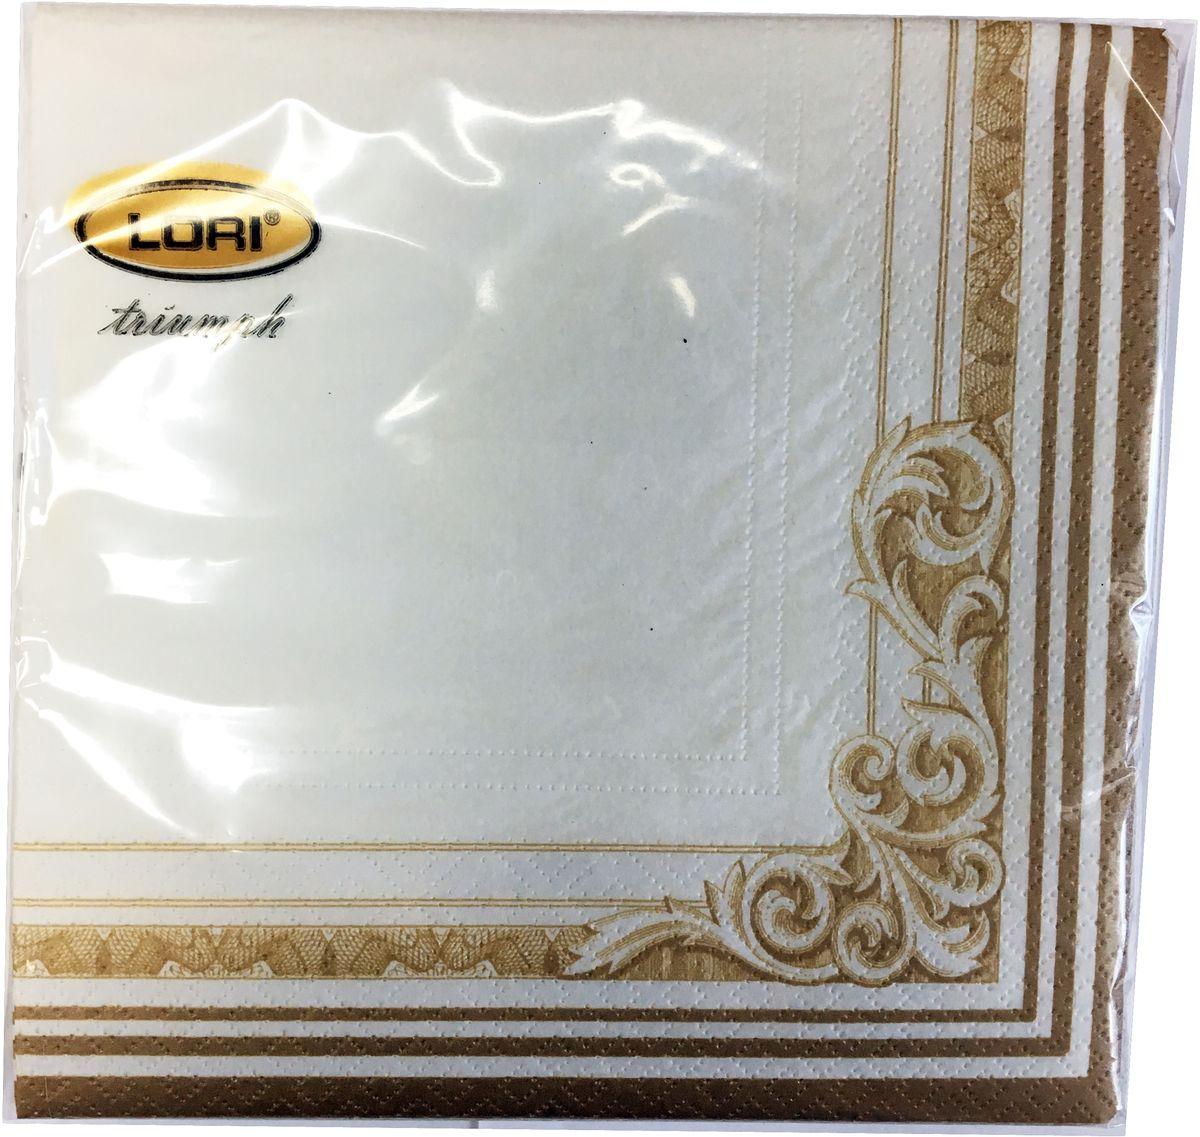 Салфетки бумажные Lori Triumph, трехслойные, цвет: коричневый, белый, 33 х 33 см, 20 шт. 5622856228Декоративные трехслойные салфетки Lori Triumph выполнены из 100% целлюлозы и оформлены ярким рисунком. Изделия станут отличным дополнением любого праздничного стола. Они отличаются необычной мягкостью, прочностью и оригинальностью. Размер салфеток в развернутом виде: 33 х 33 см.